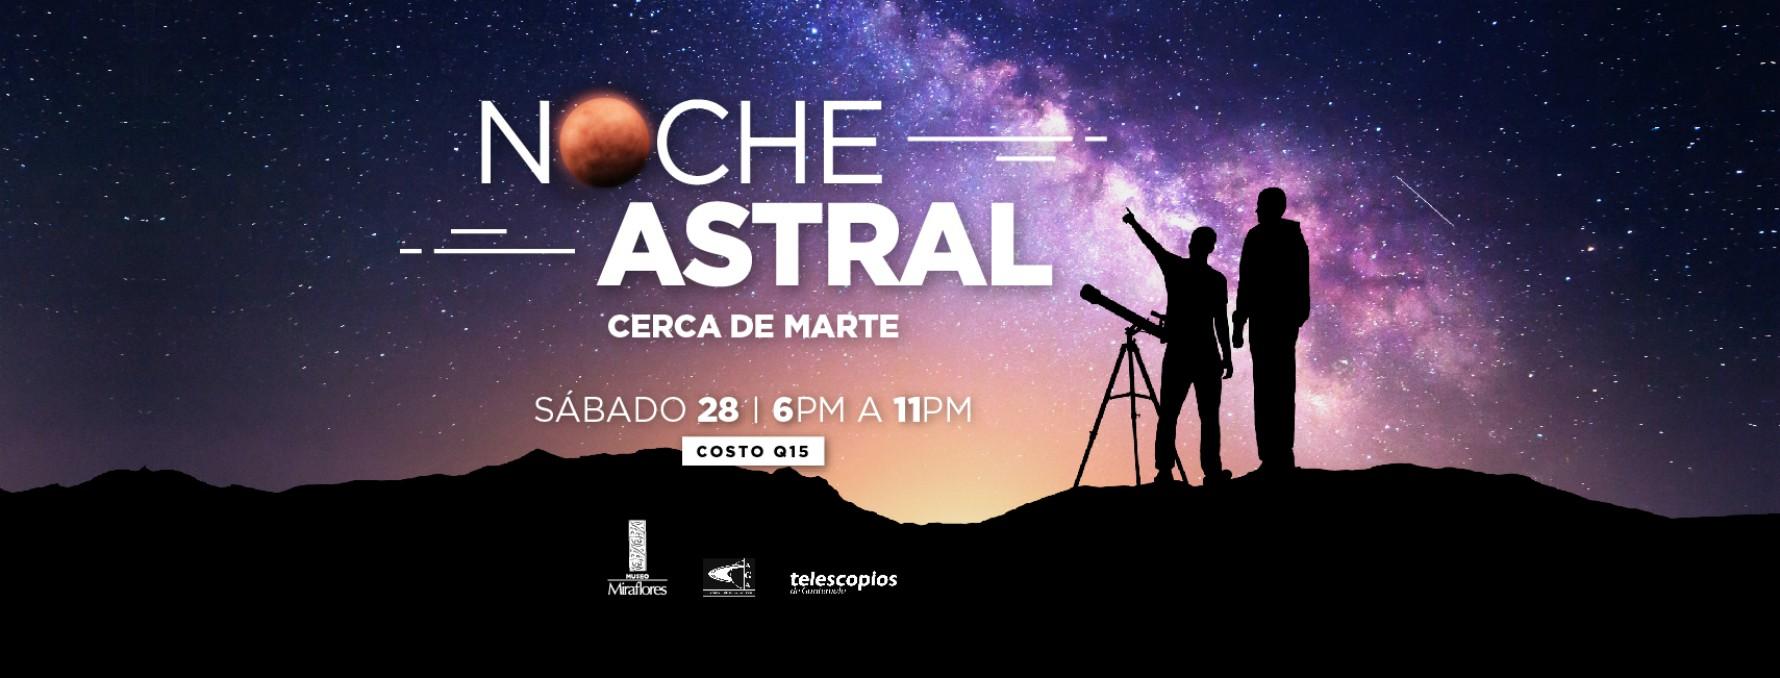 noche_astral